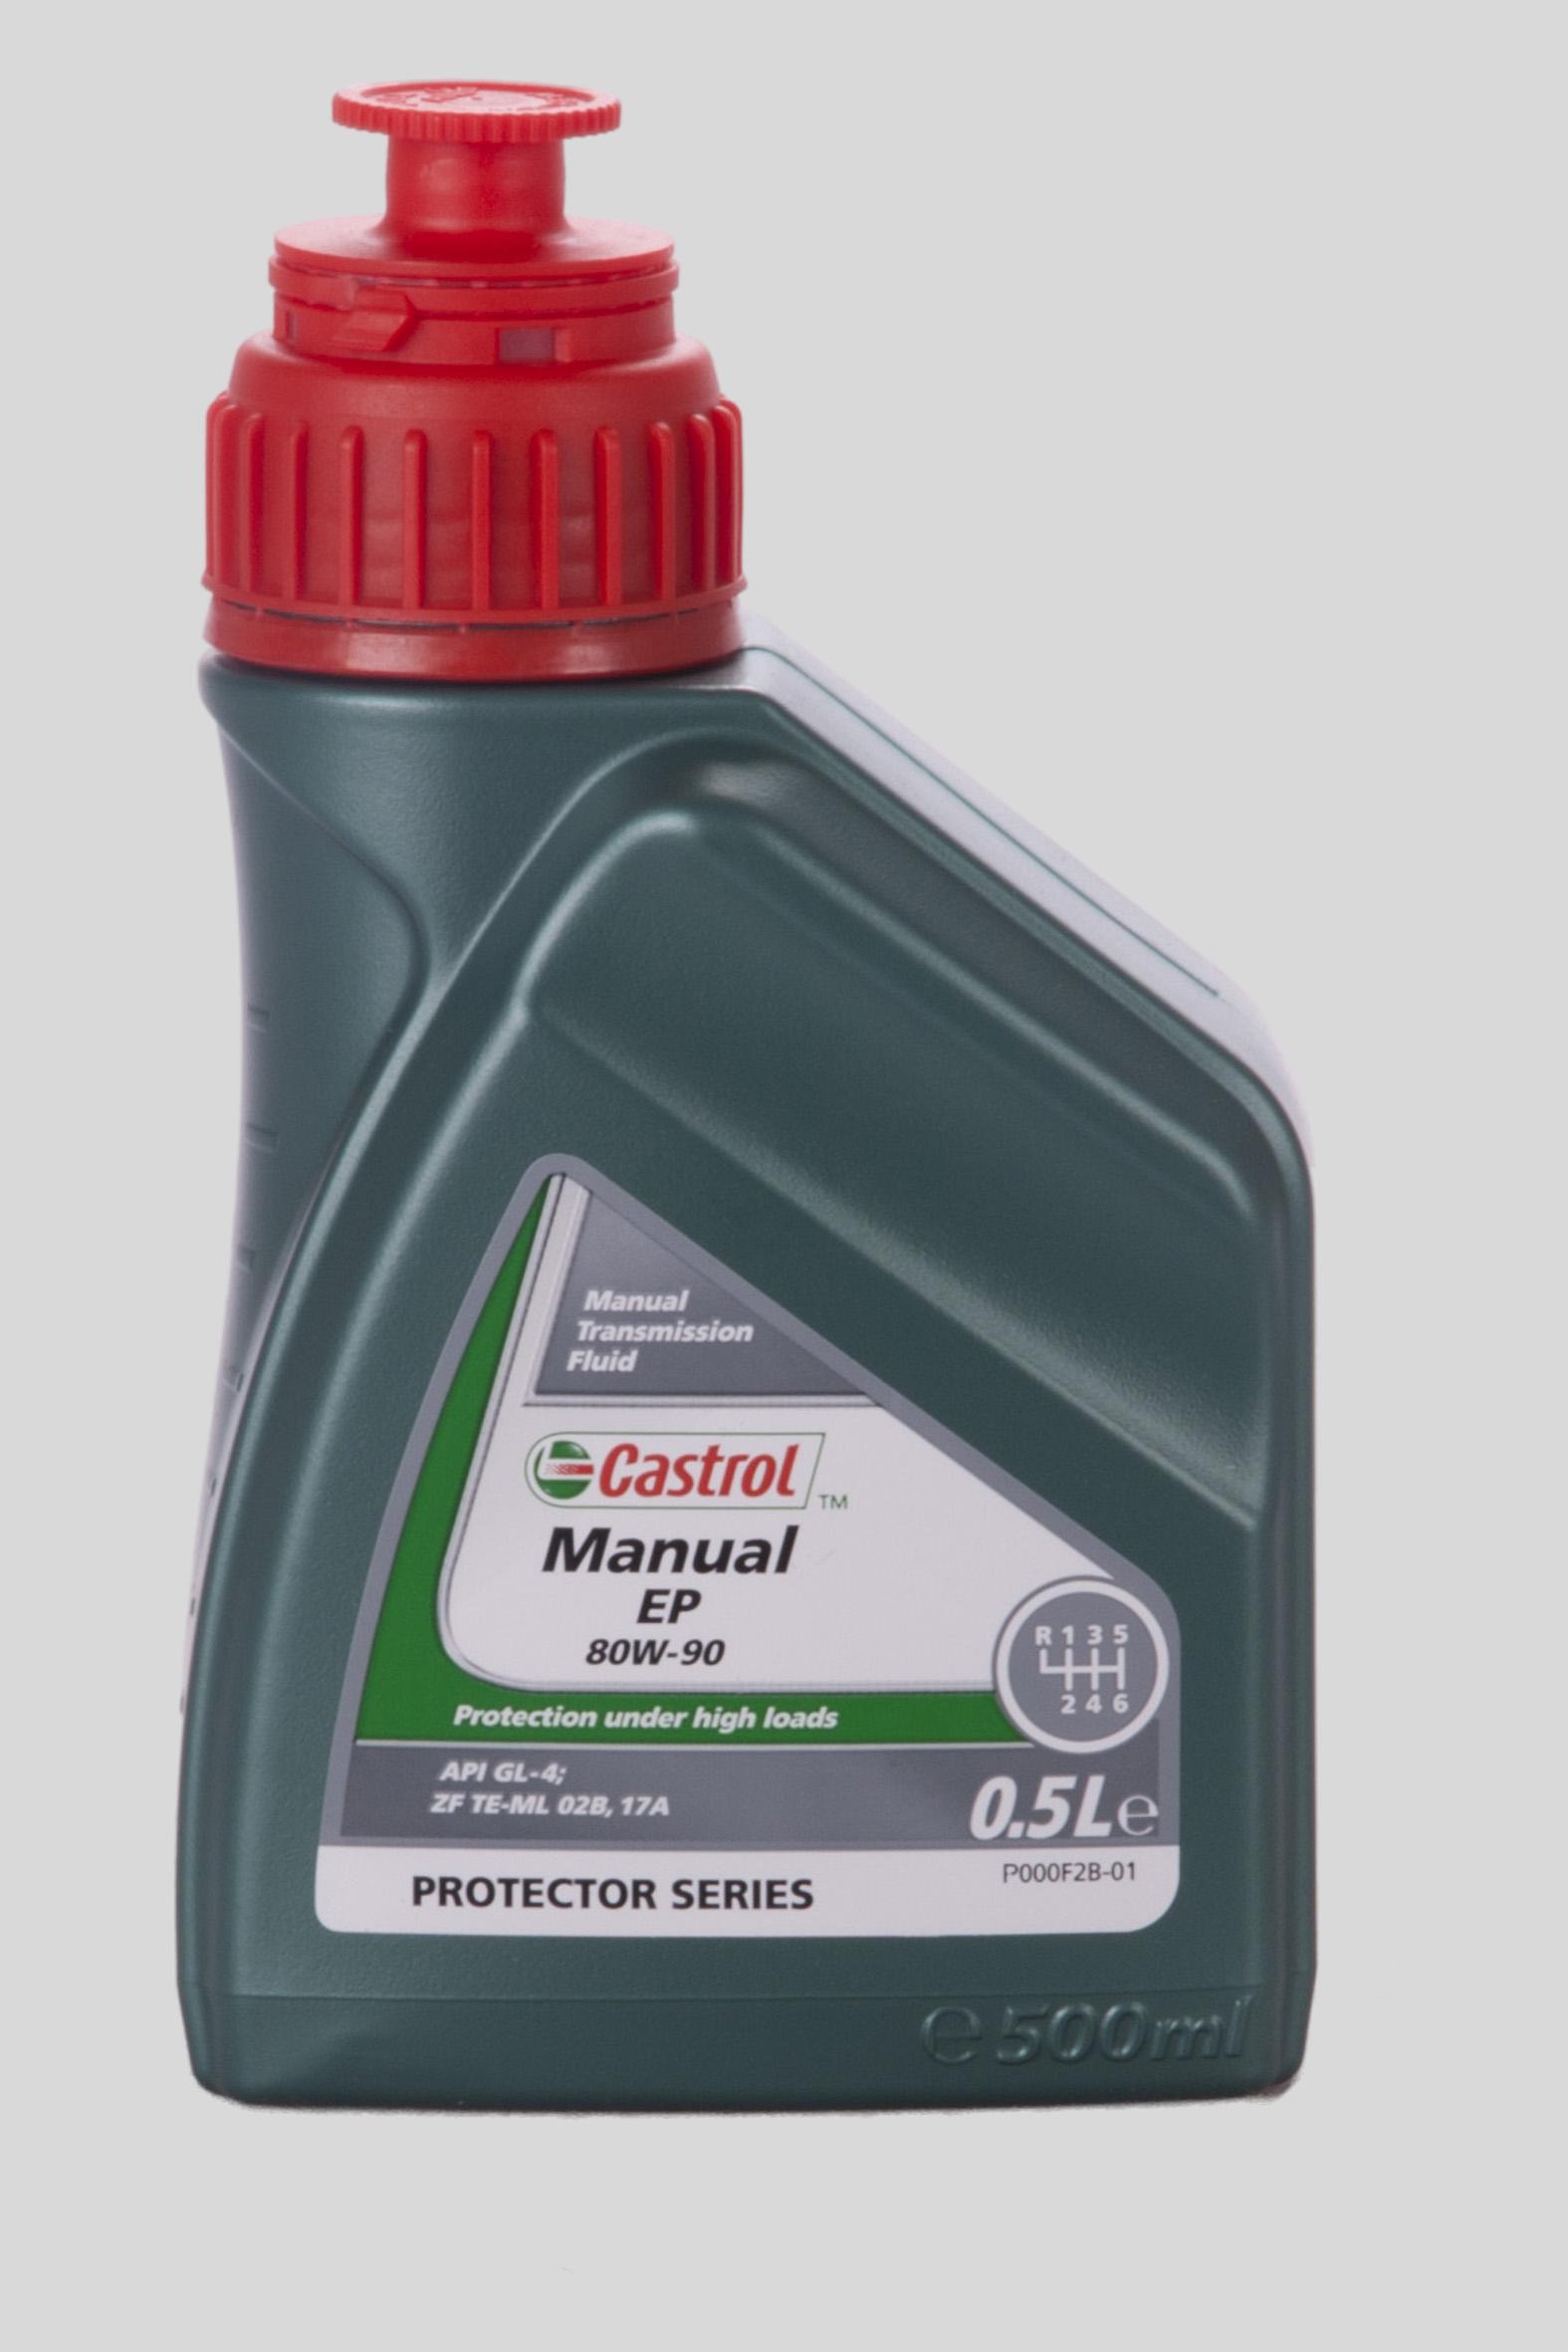 Castrol Manual EP 80W-90 500ml